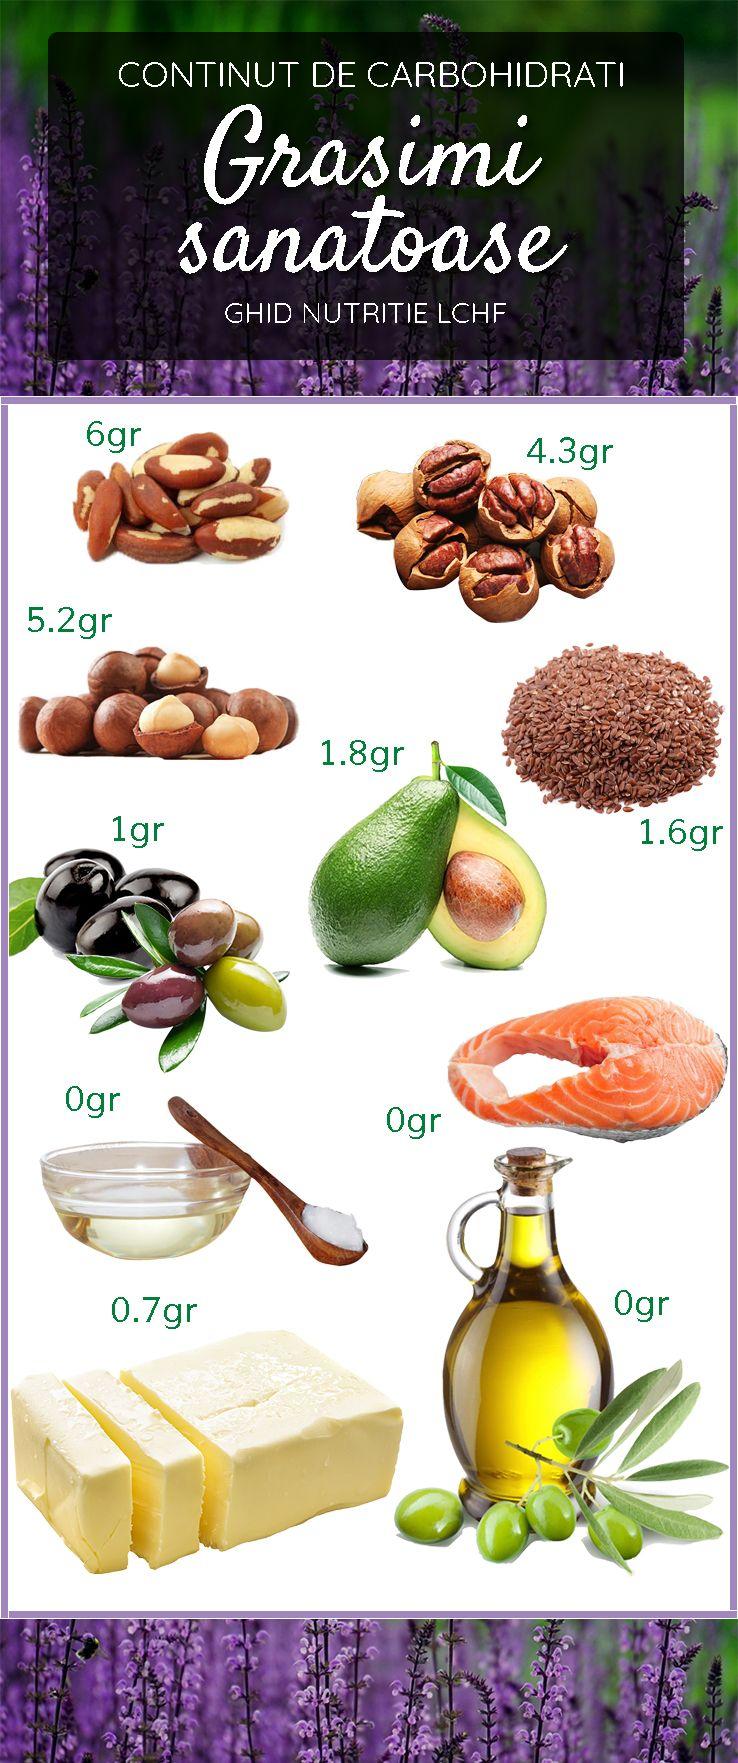 ce grăsimi să mănânce pentru pierderea în greutate)